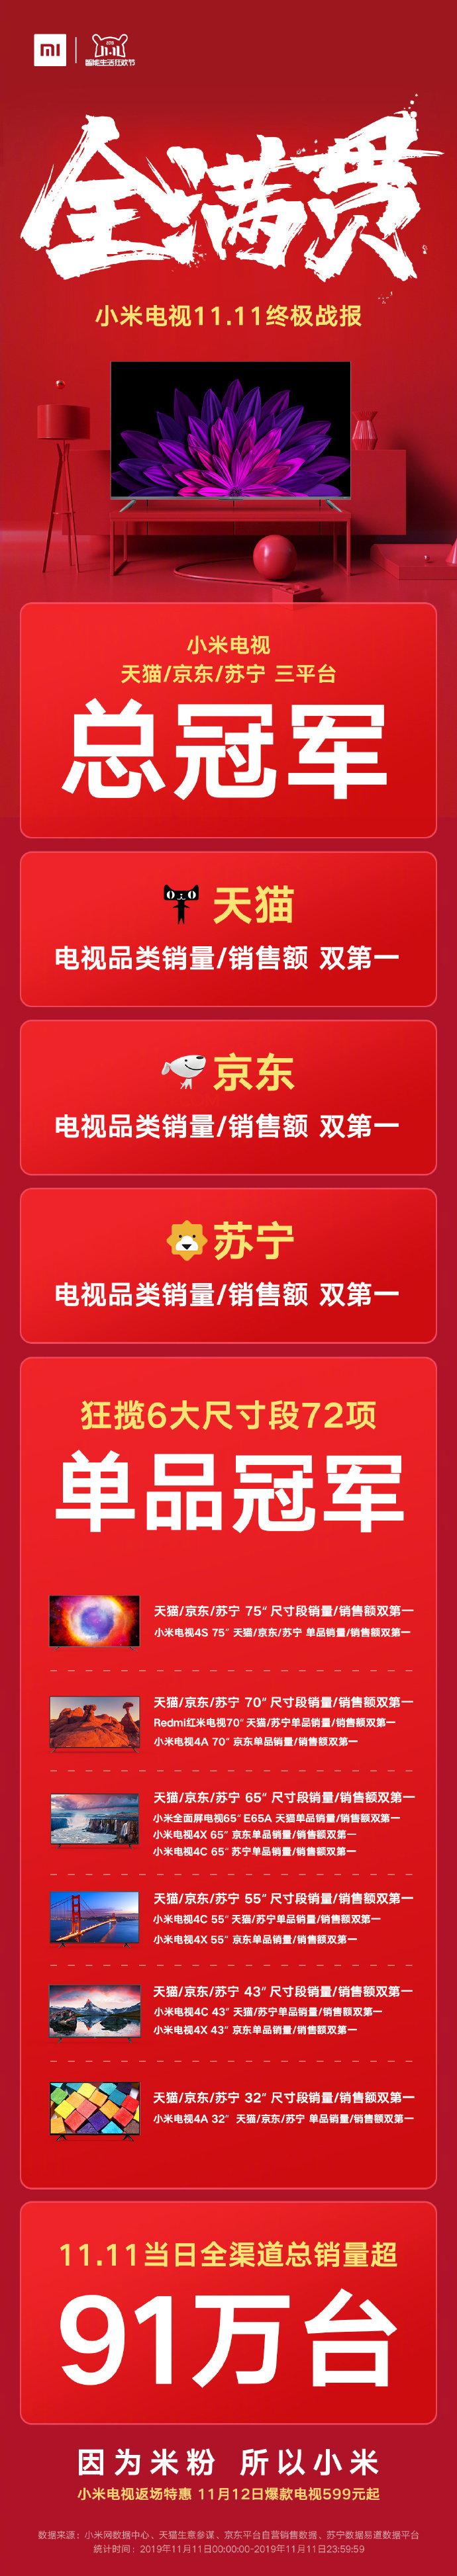 小米电视双十一终极战报发布 稳获全满贯